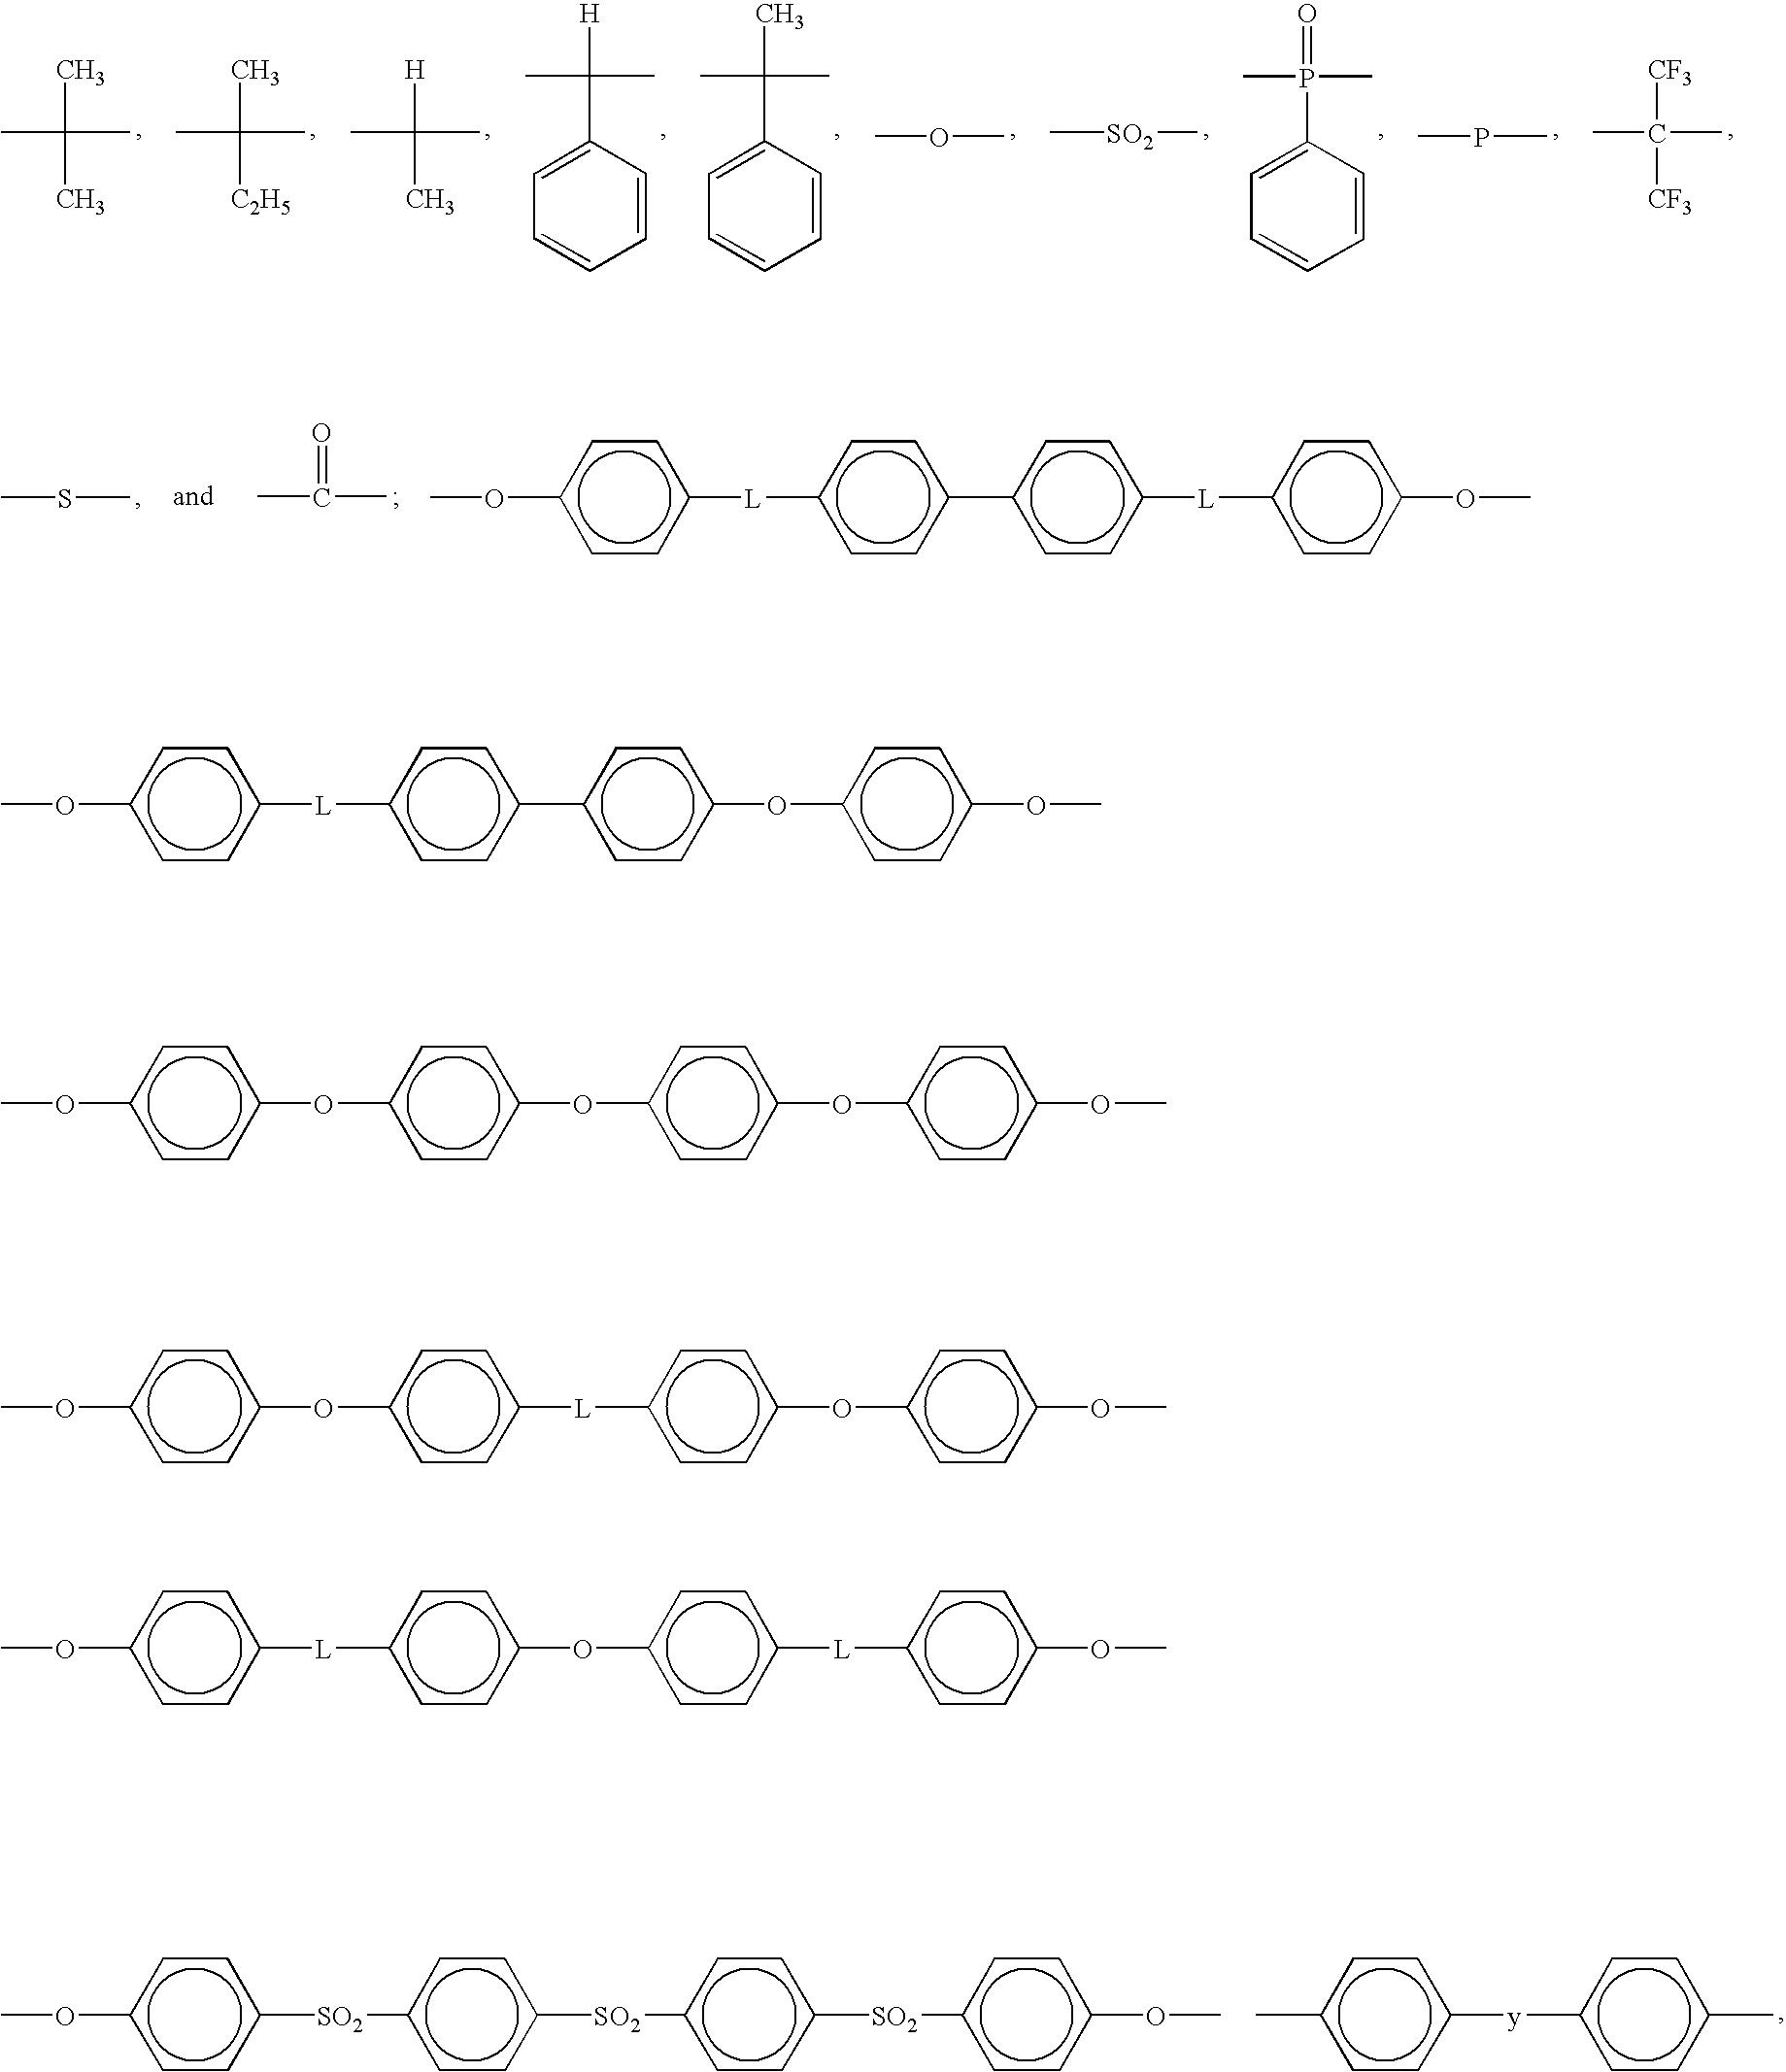 Figure US07825211-20101102-C00011